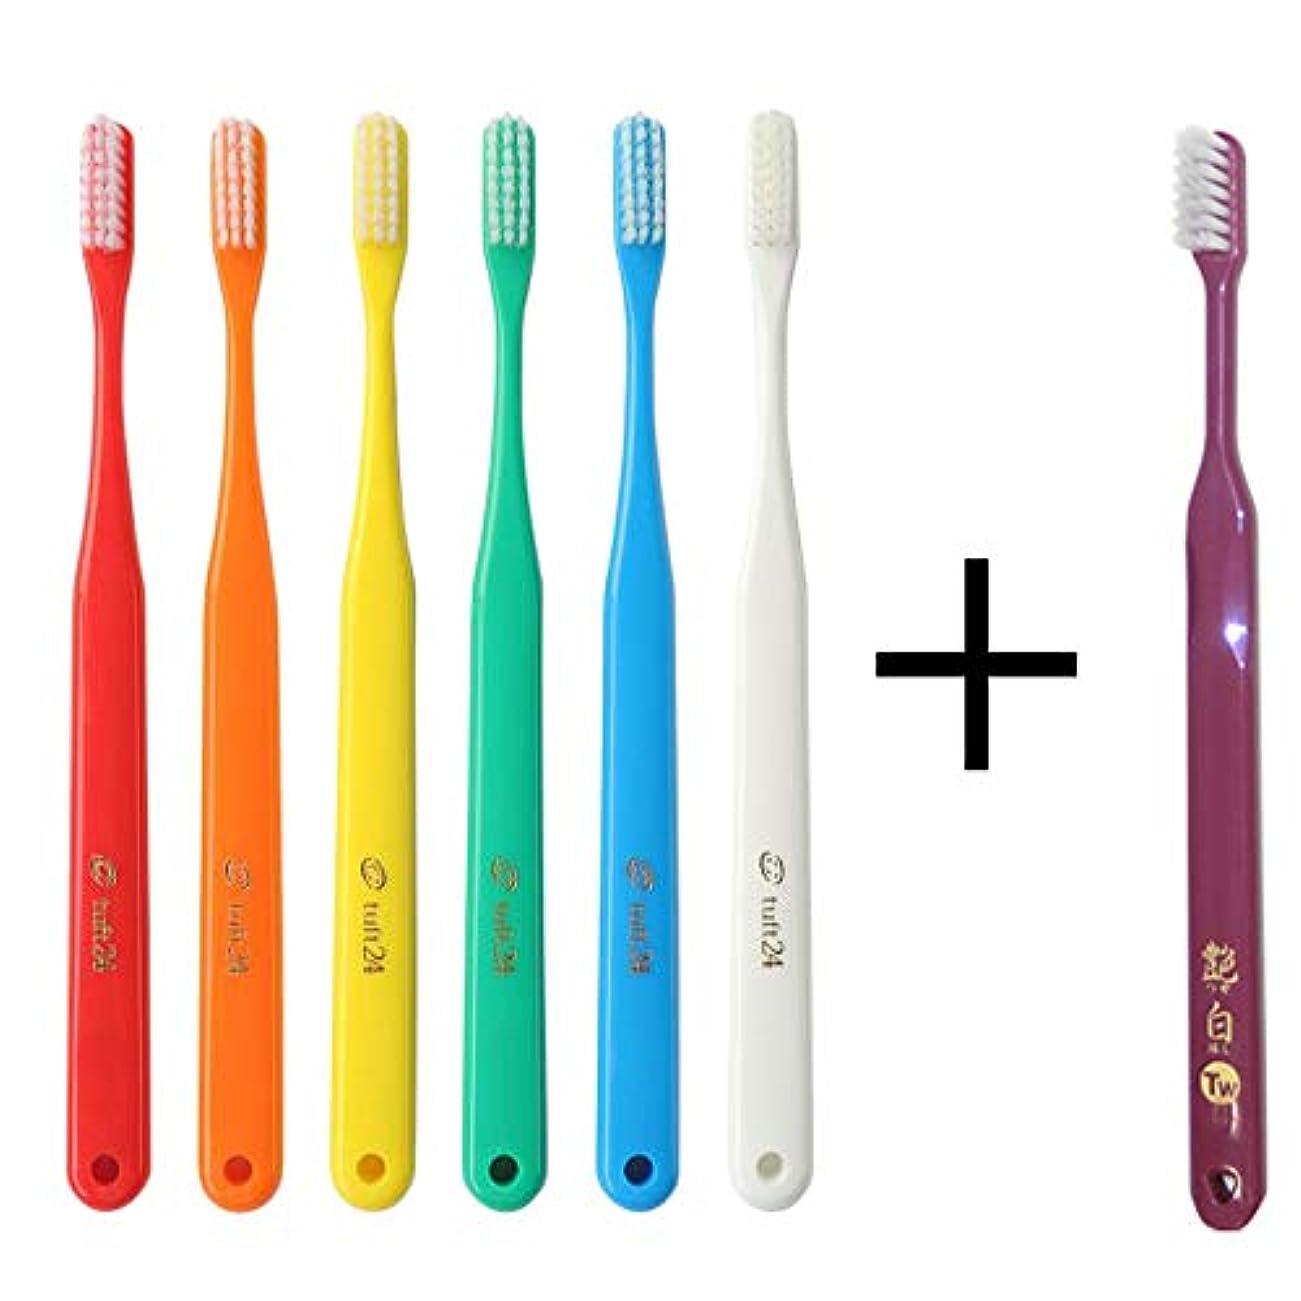 洞察力のある前売特別にキャップなし タフト24 歯ブラシ × 25本入 S (アソート) + 艶白 歯ブラシ (日本製) ×1本 MS(やややわらかめ) 大人用歯ブラシ 歯科医院取扱品